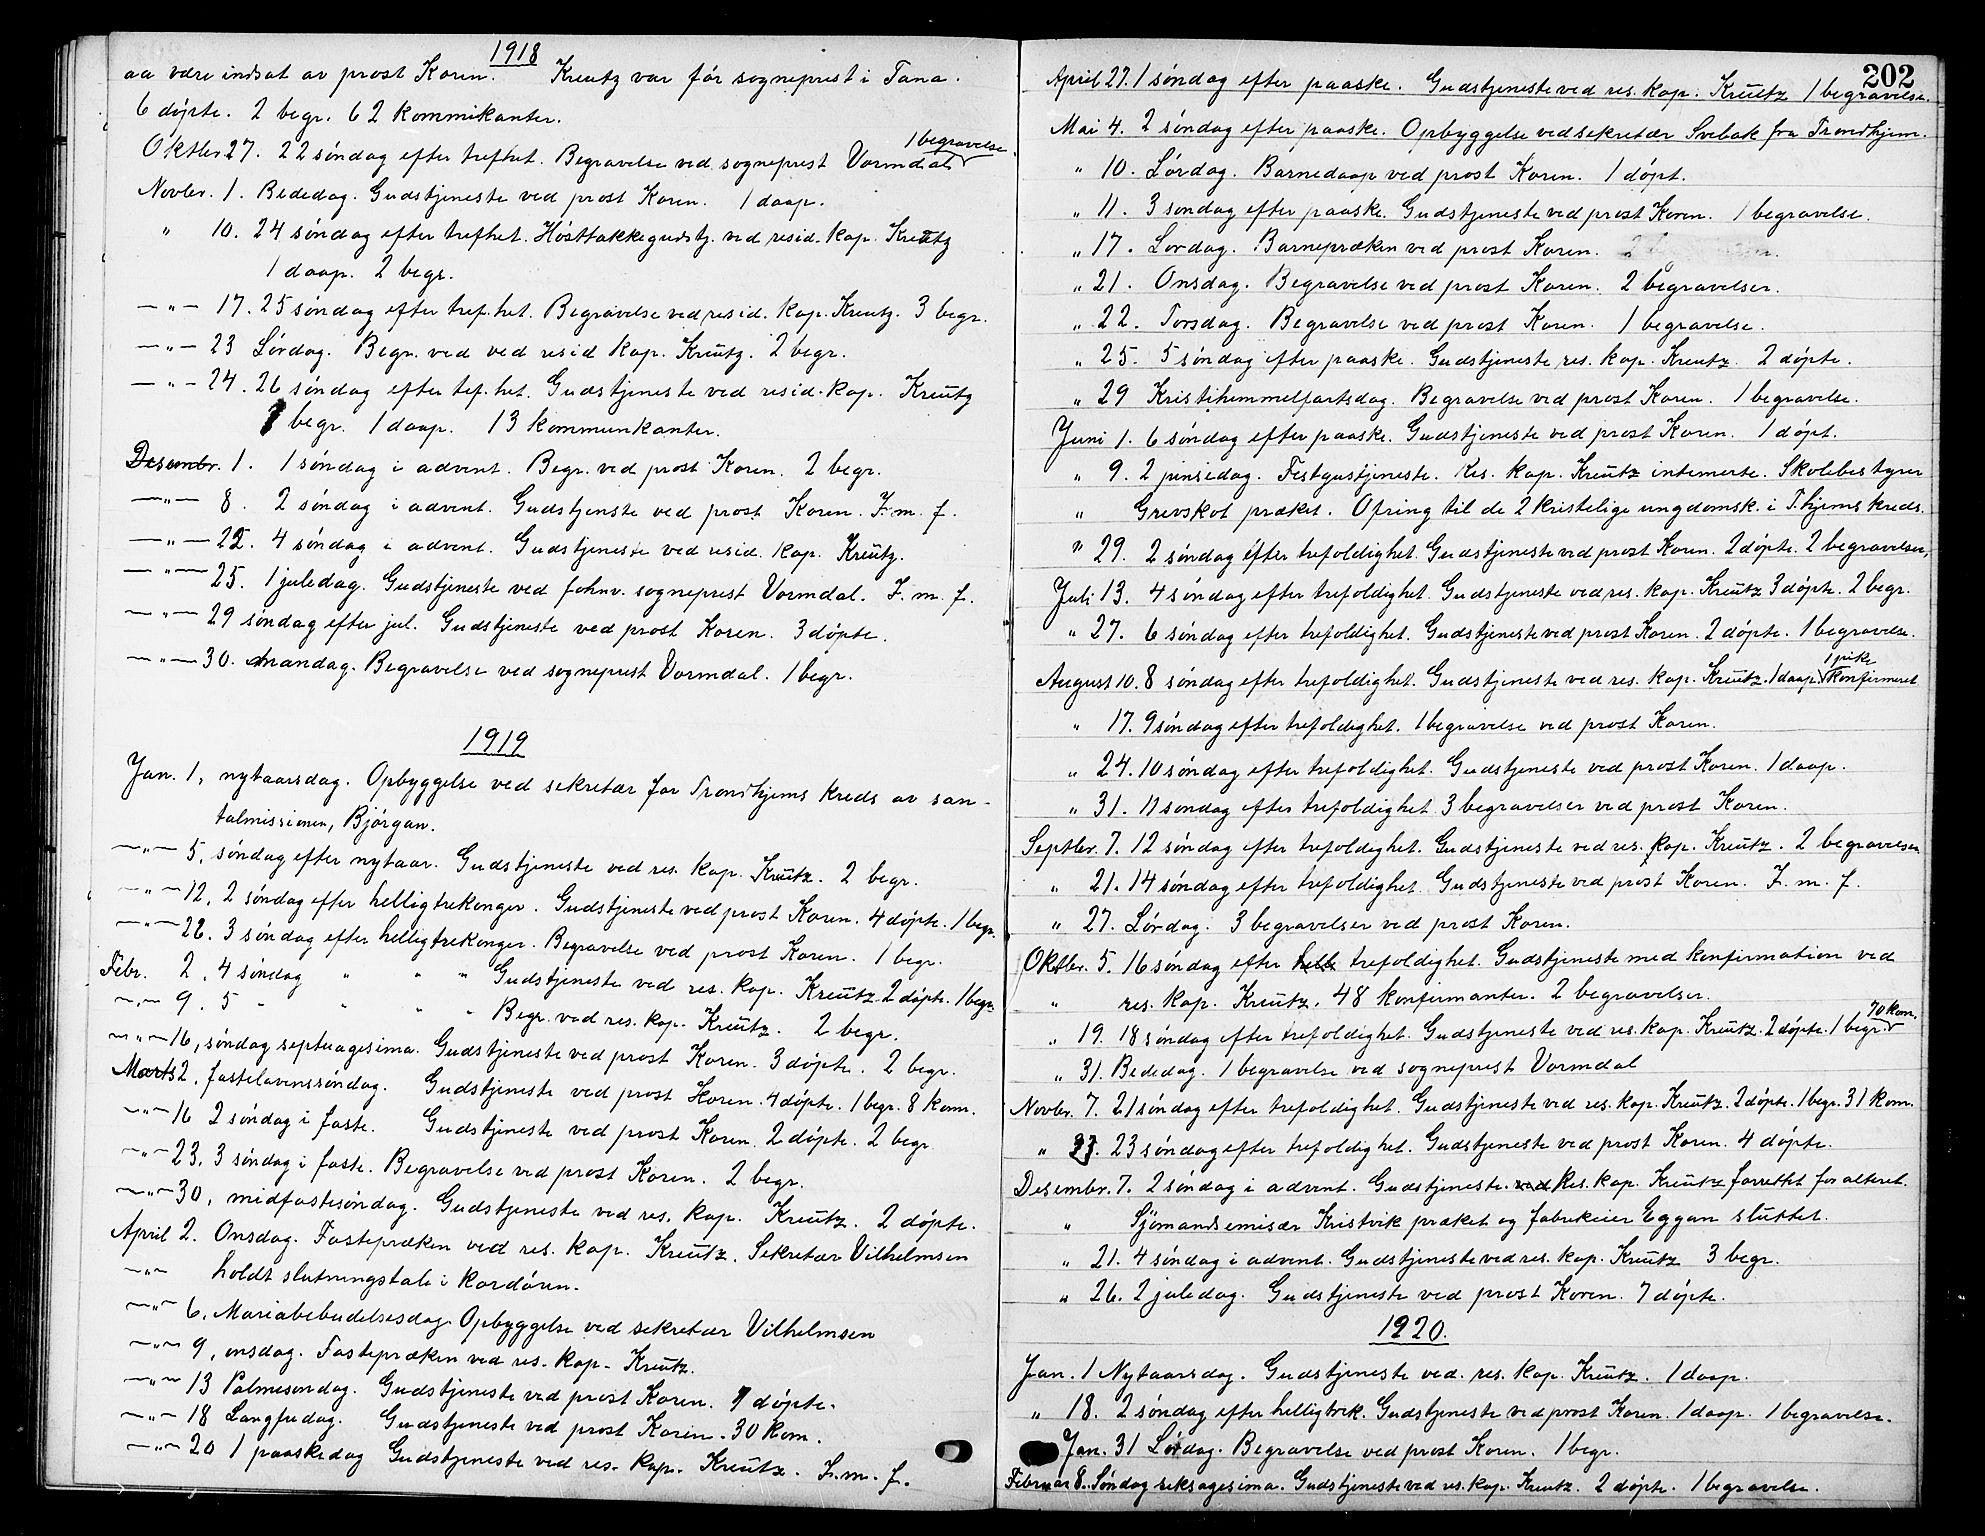 SAT, Ministerialprotokoller, klokkerbøker og fødselsregistre - Sør-Trøndelag, 669/L0831: Klokkerbok nr. 669C01, 1909-1924, s. 202